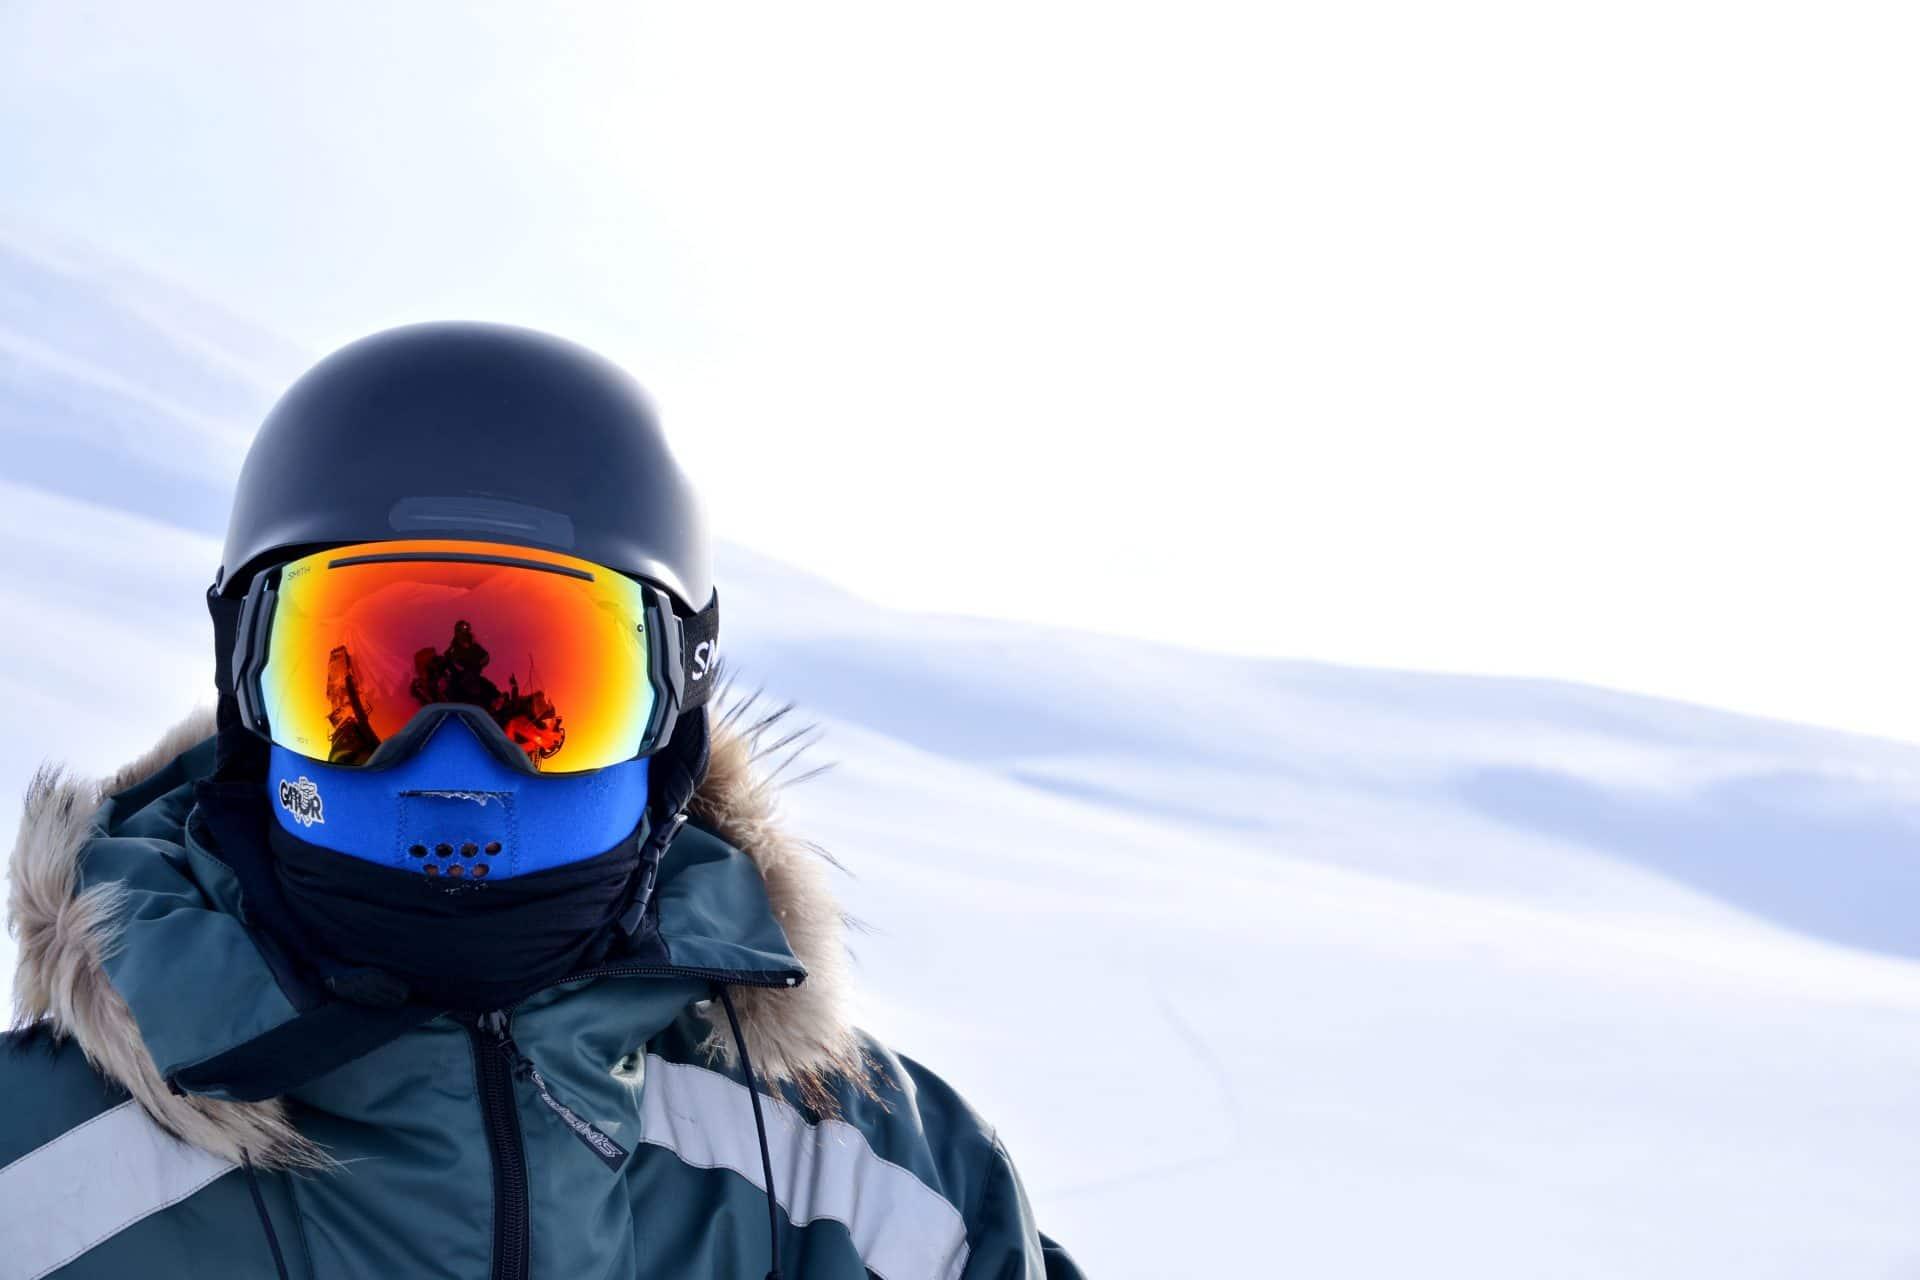 Bucket list adventures in winter